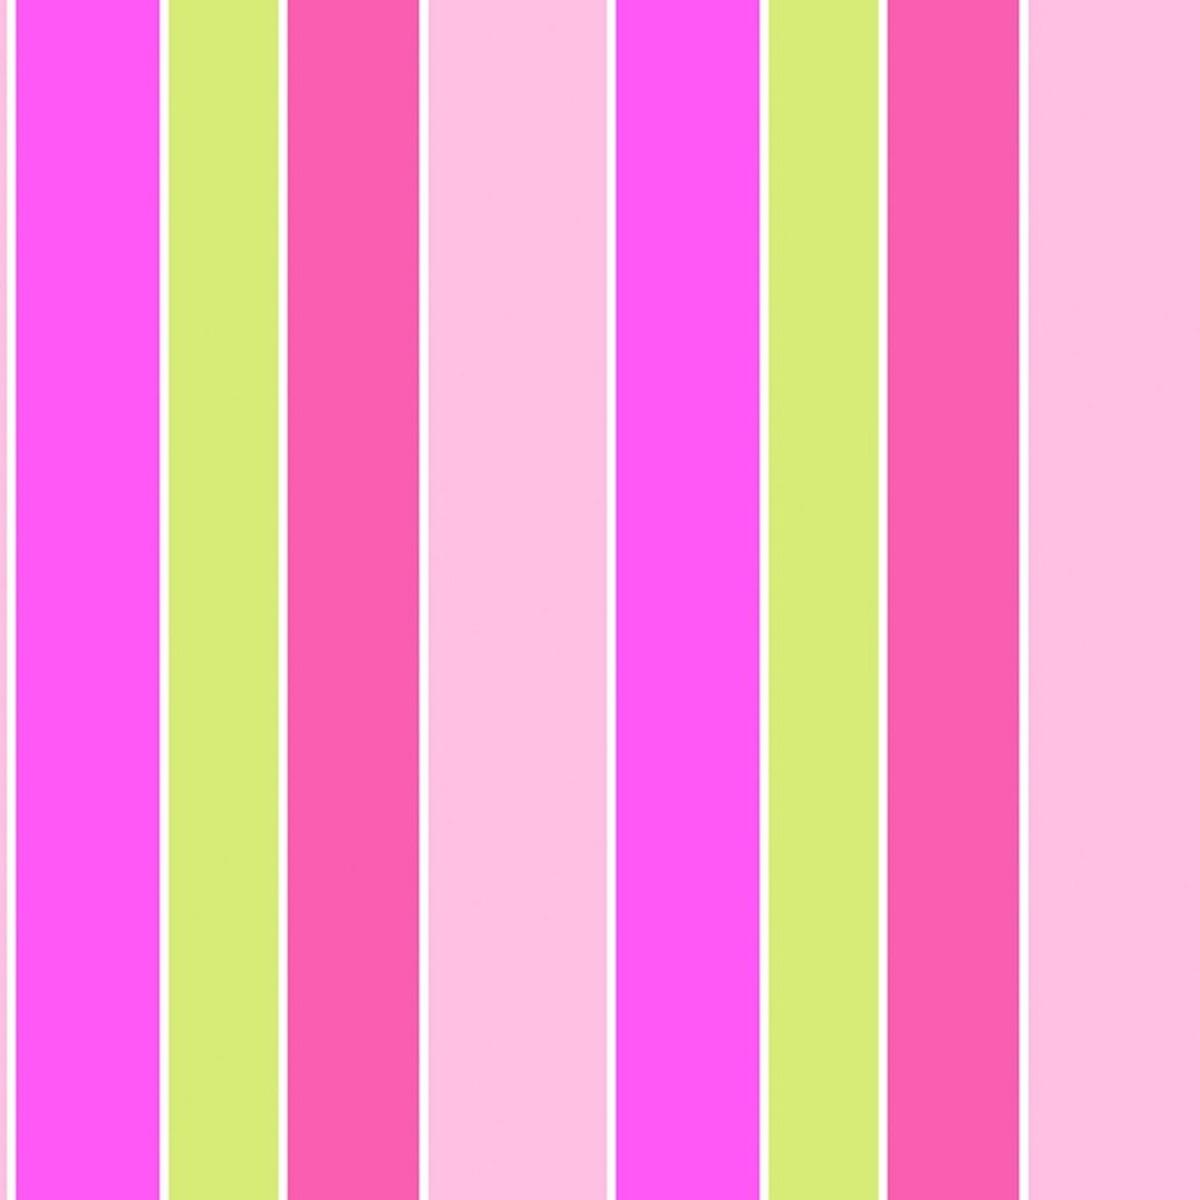 Виниловые обои Aura розовые G45101 0.53 м